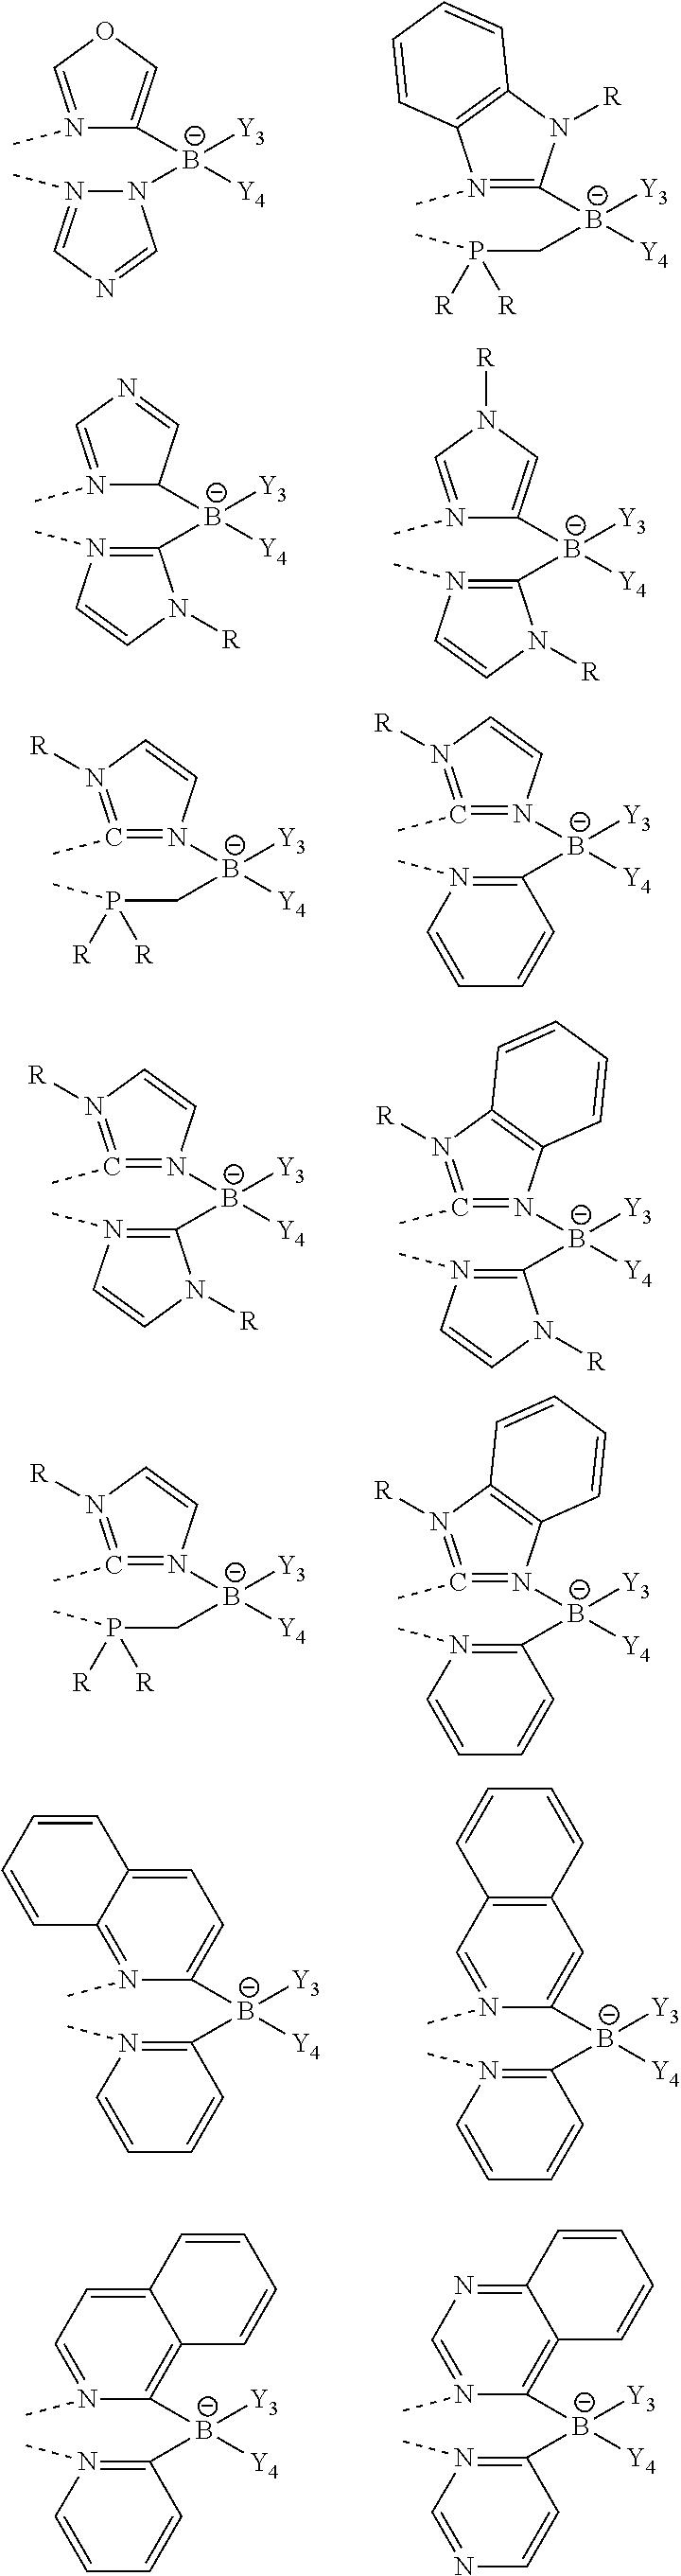 Figure US09773986-20170926-C00274